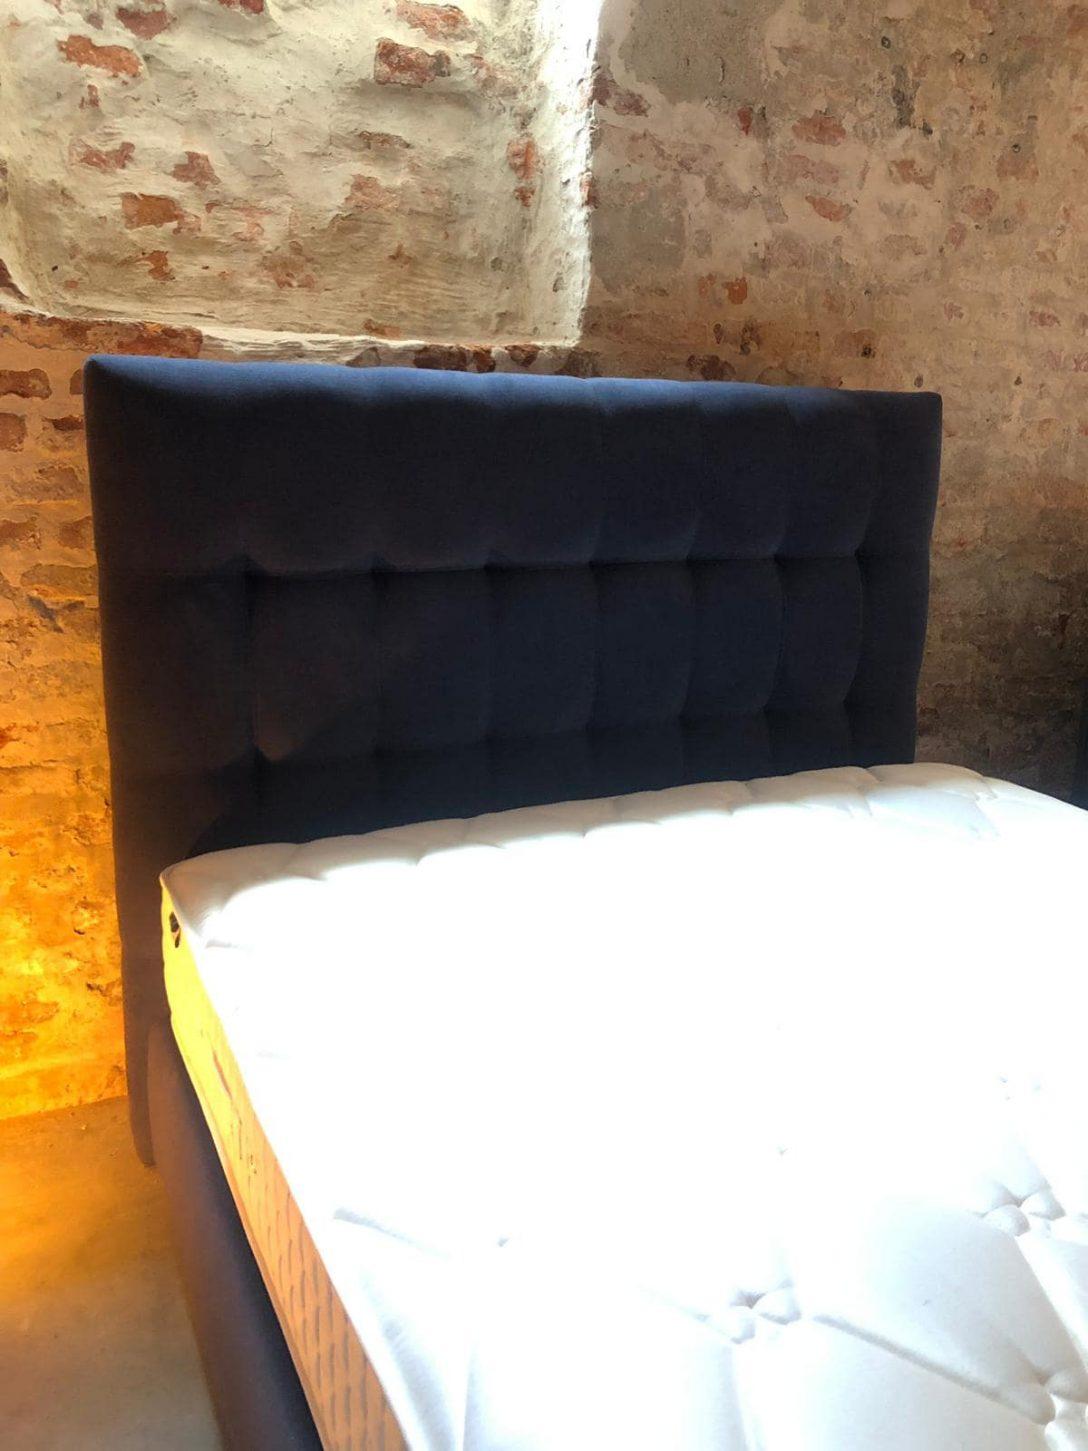 Large Size of Günstige Betten Ottoversand Designer Paradies Für Teenager Günstig Kaufen Mit Aufbewahrung Stauraum Innocent Aus Holz Amazon Köln Massivholz Gebrauchte Bett Betten München